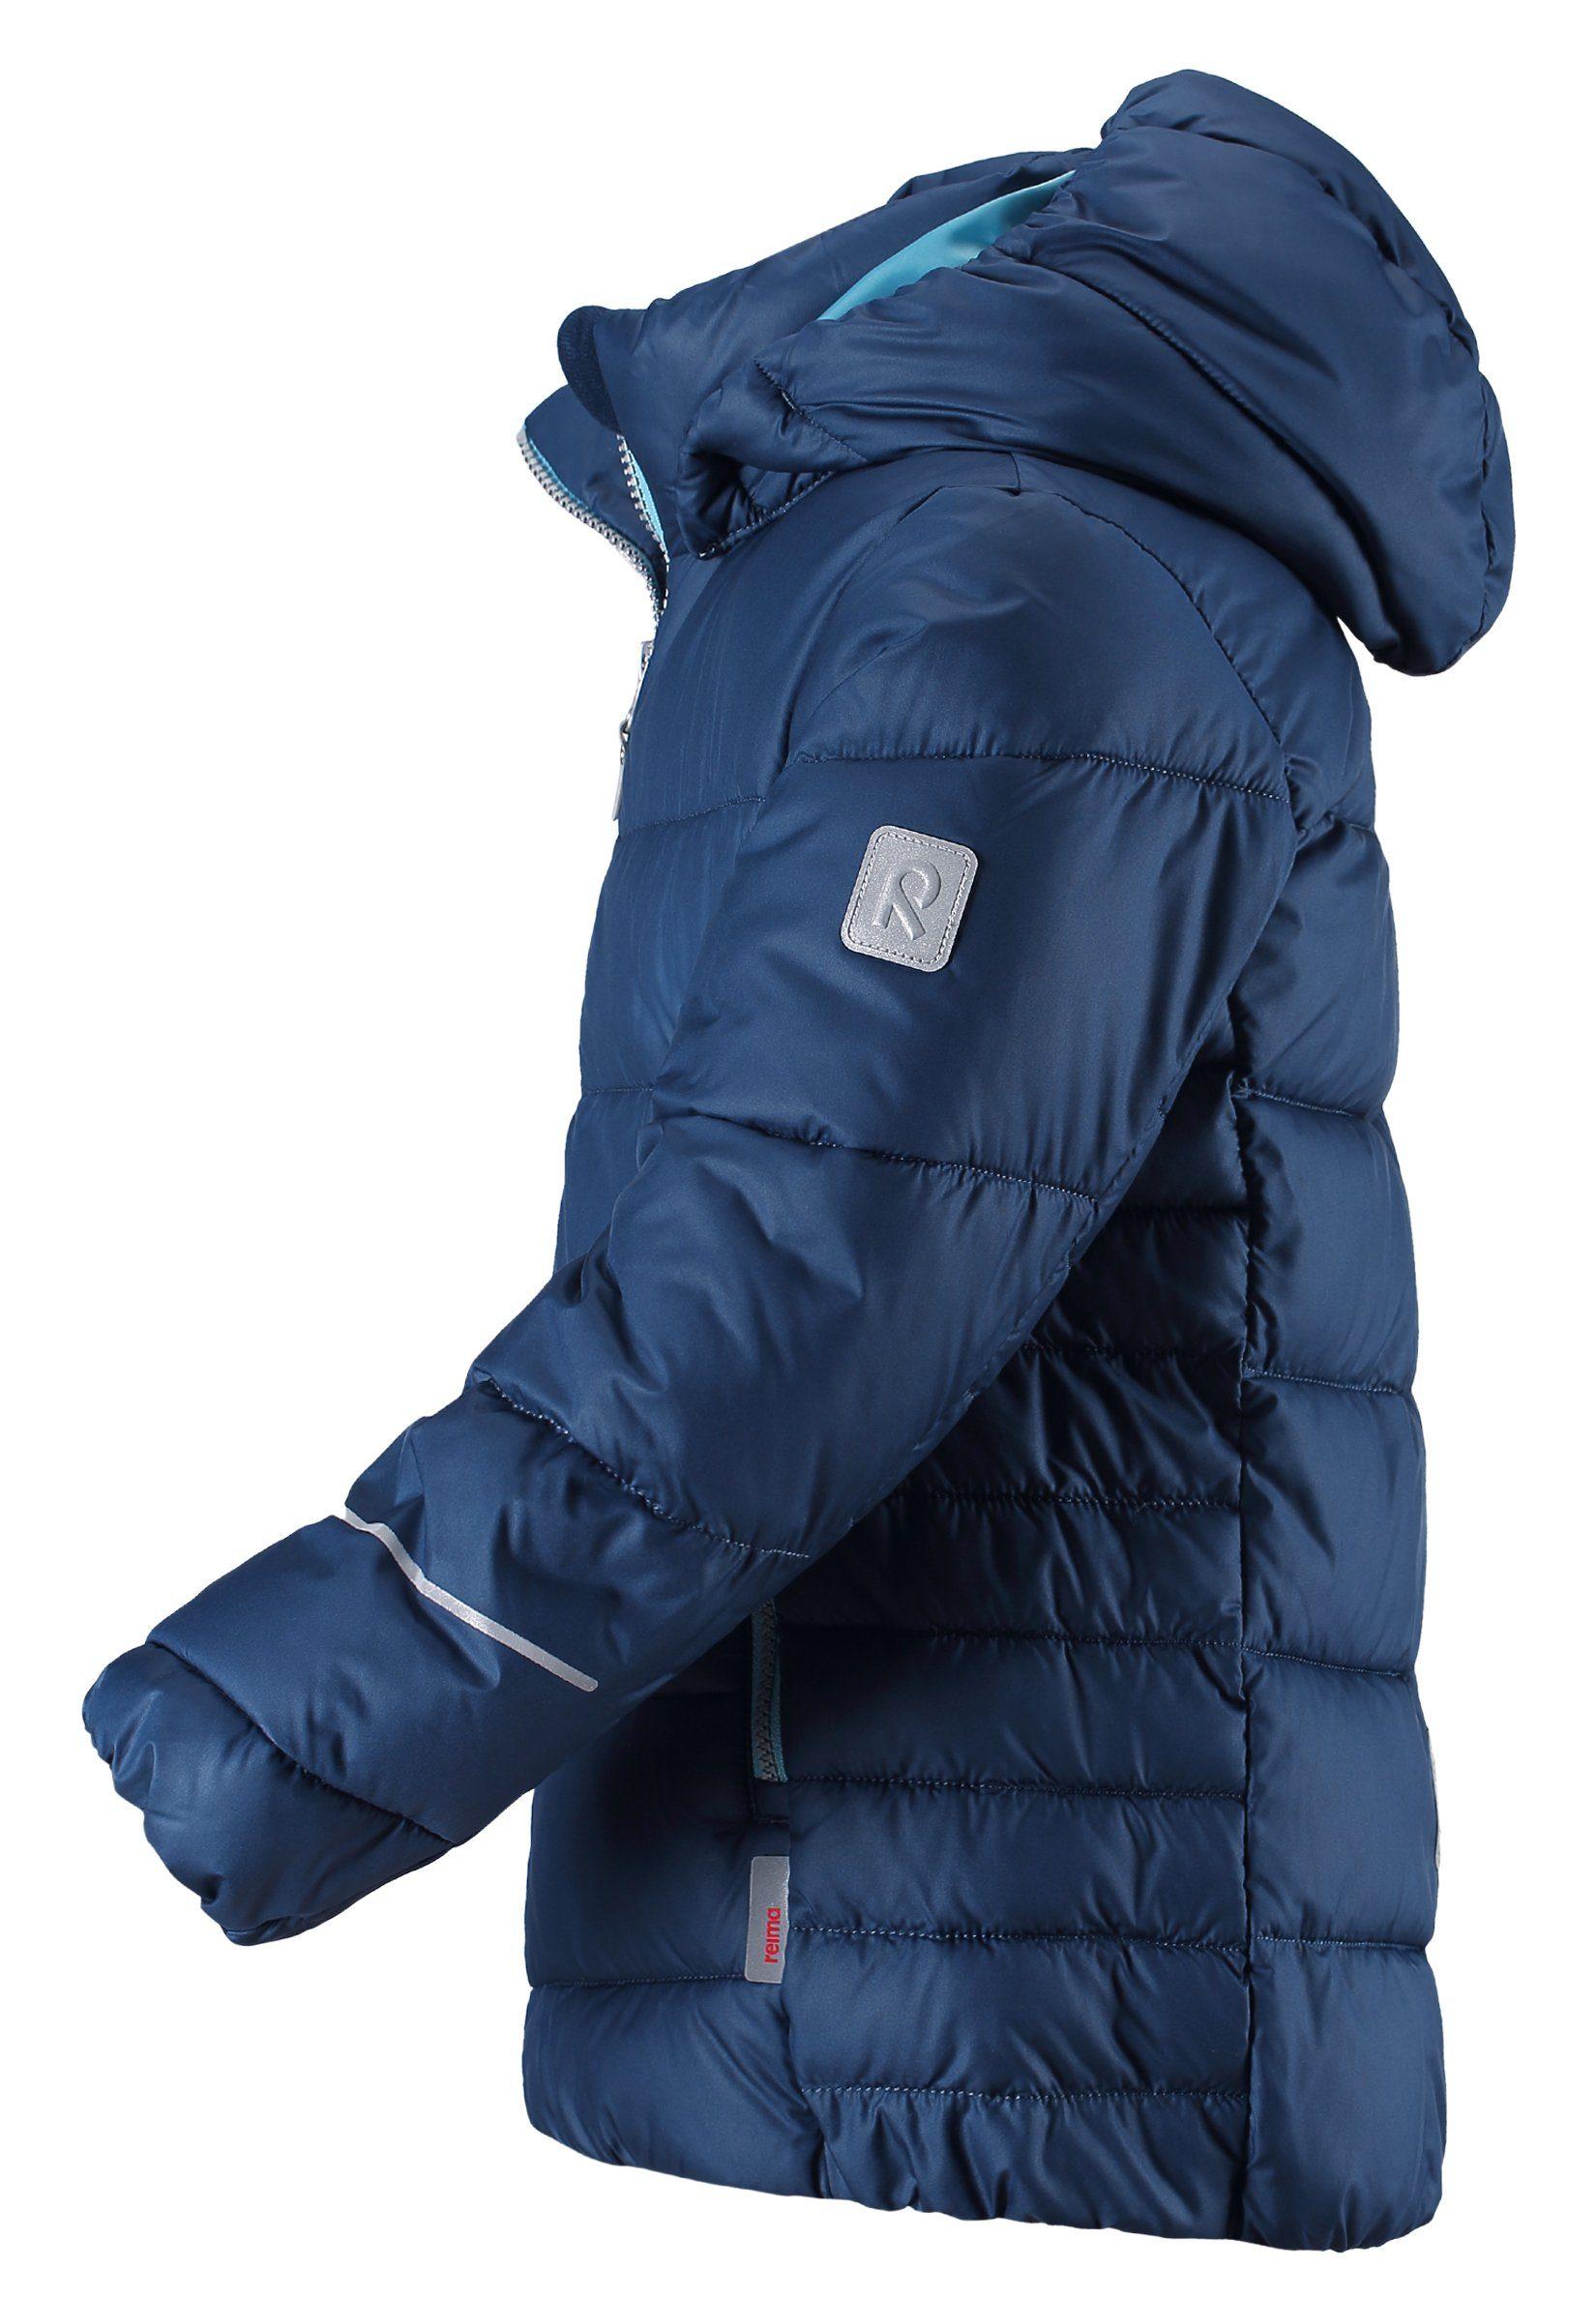 brand new b6fb1 34c58 reima Kinder Winterjacke Malla »Kinder Winterjacke Malla« bestellen   BAUR